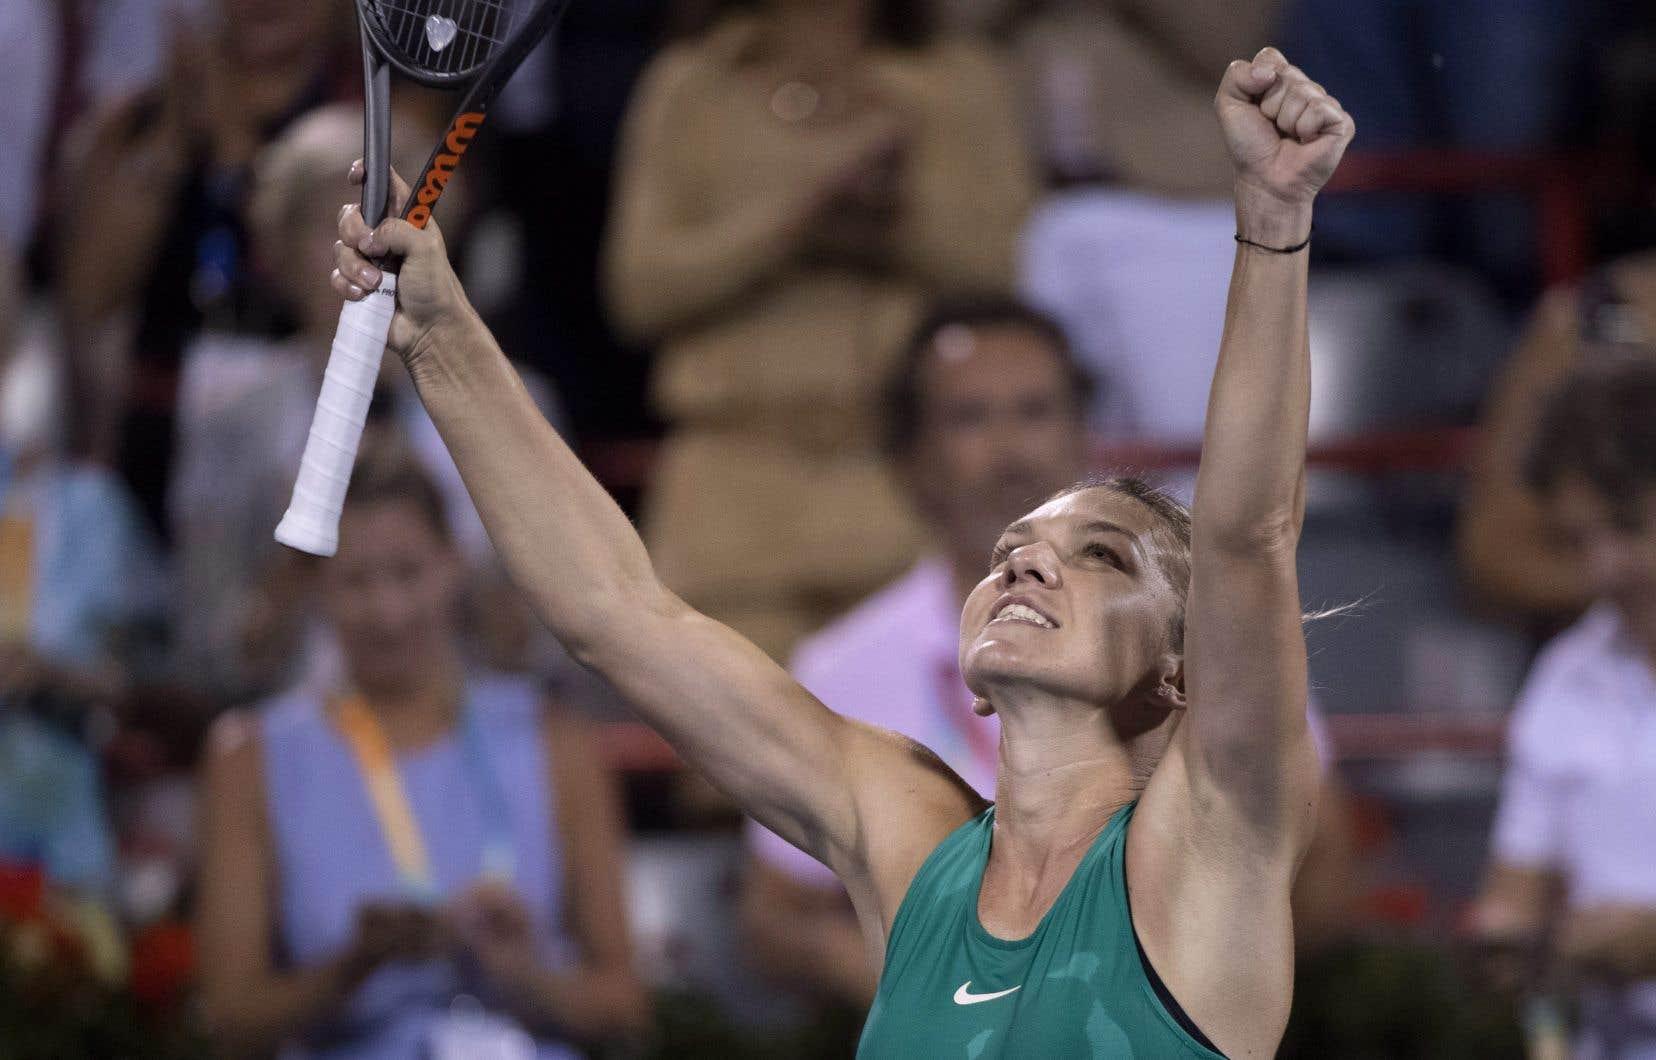 La Roumaine Simona Halep a atteint les quarts de finale de la Coupe Rogers.